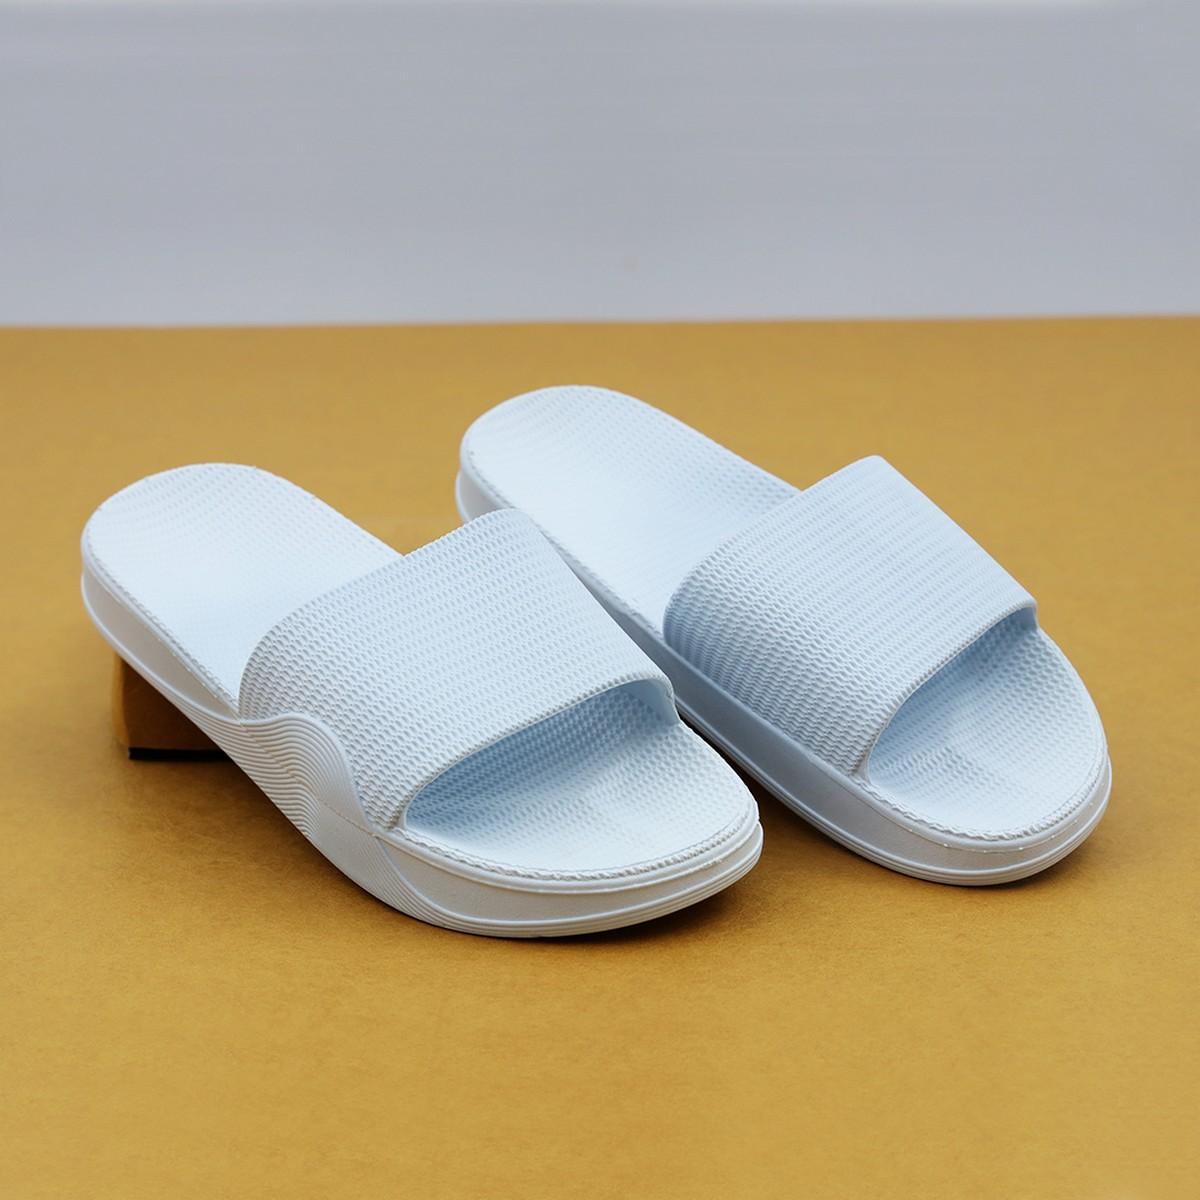 Soft Slippers for Women-High Quality House Slippers for Girls- Anti Slip Bath Shower Slippers